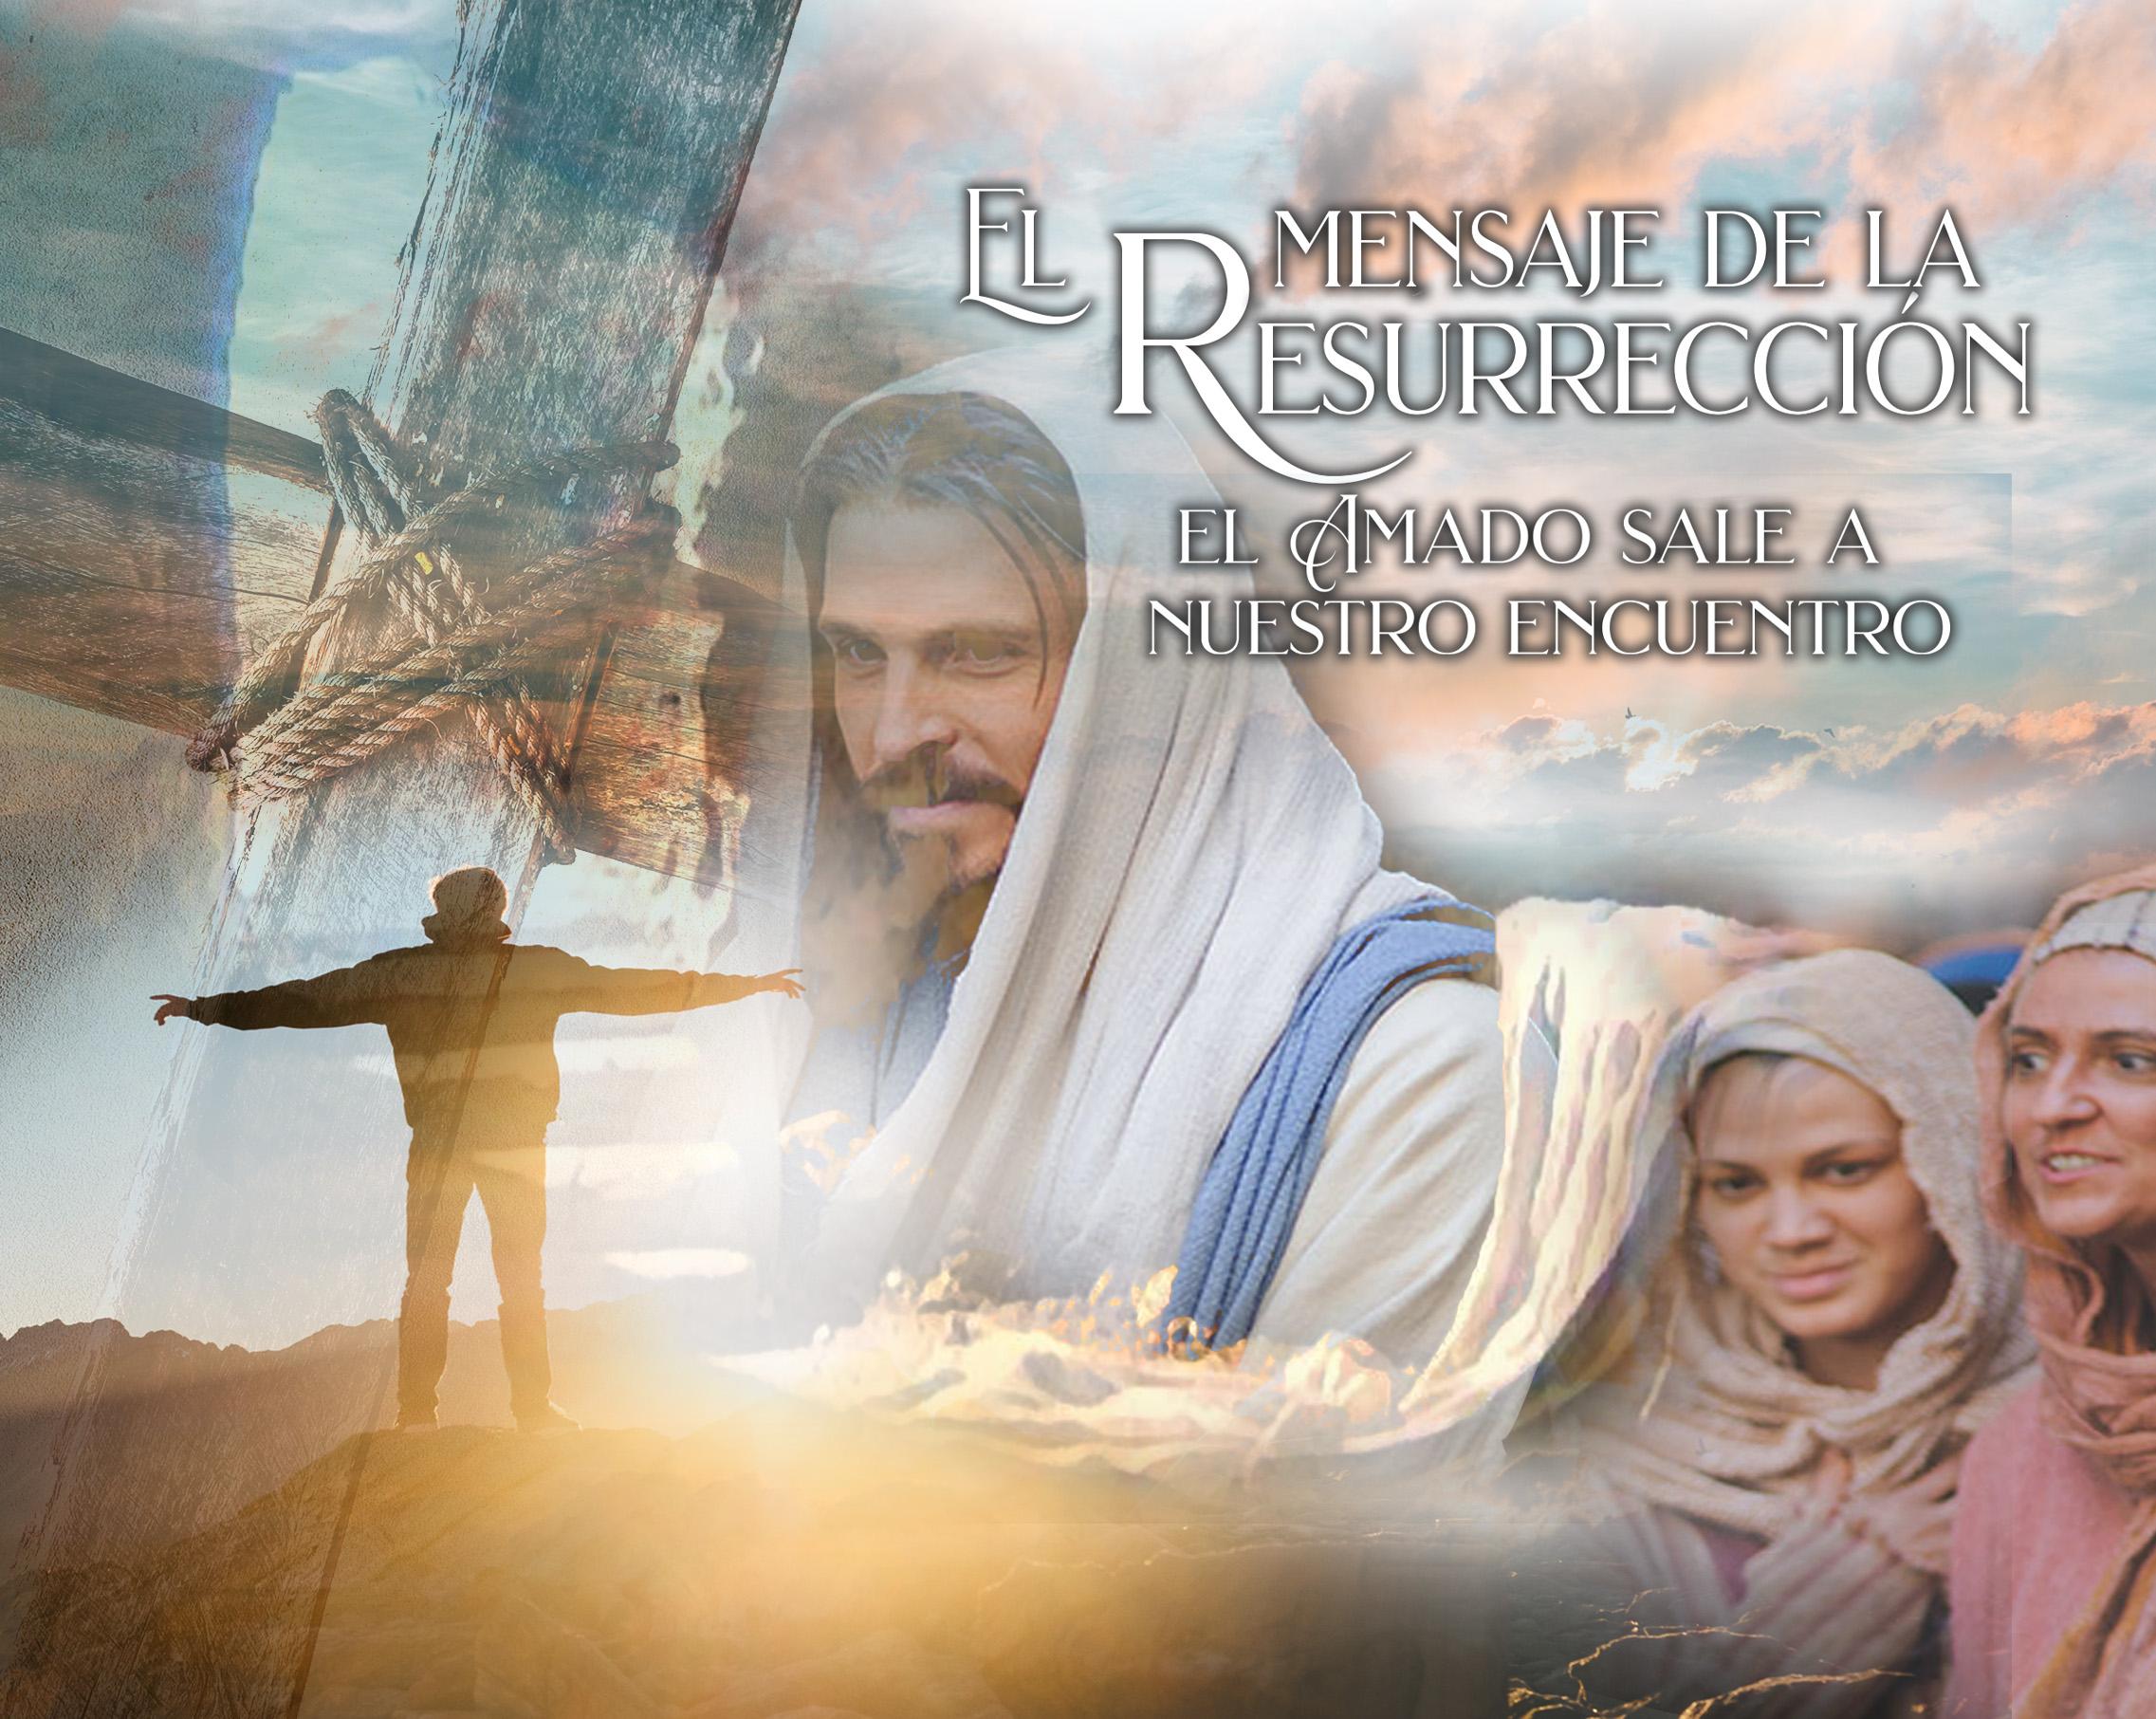 739 • El mensaje de la resurrección: el Amado sale a nuestro encuentro • El Heraldo Digital del 12 de Abril del 2020 • 739 • Vol. XIV.